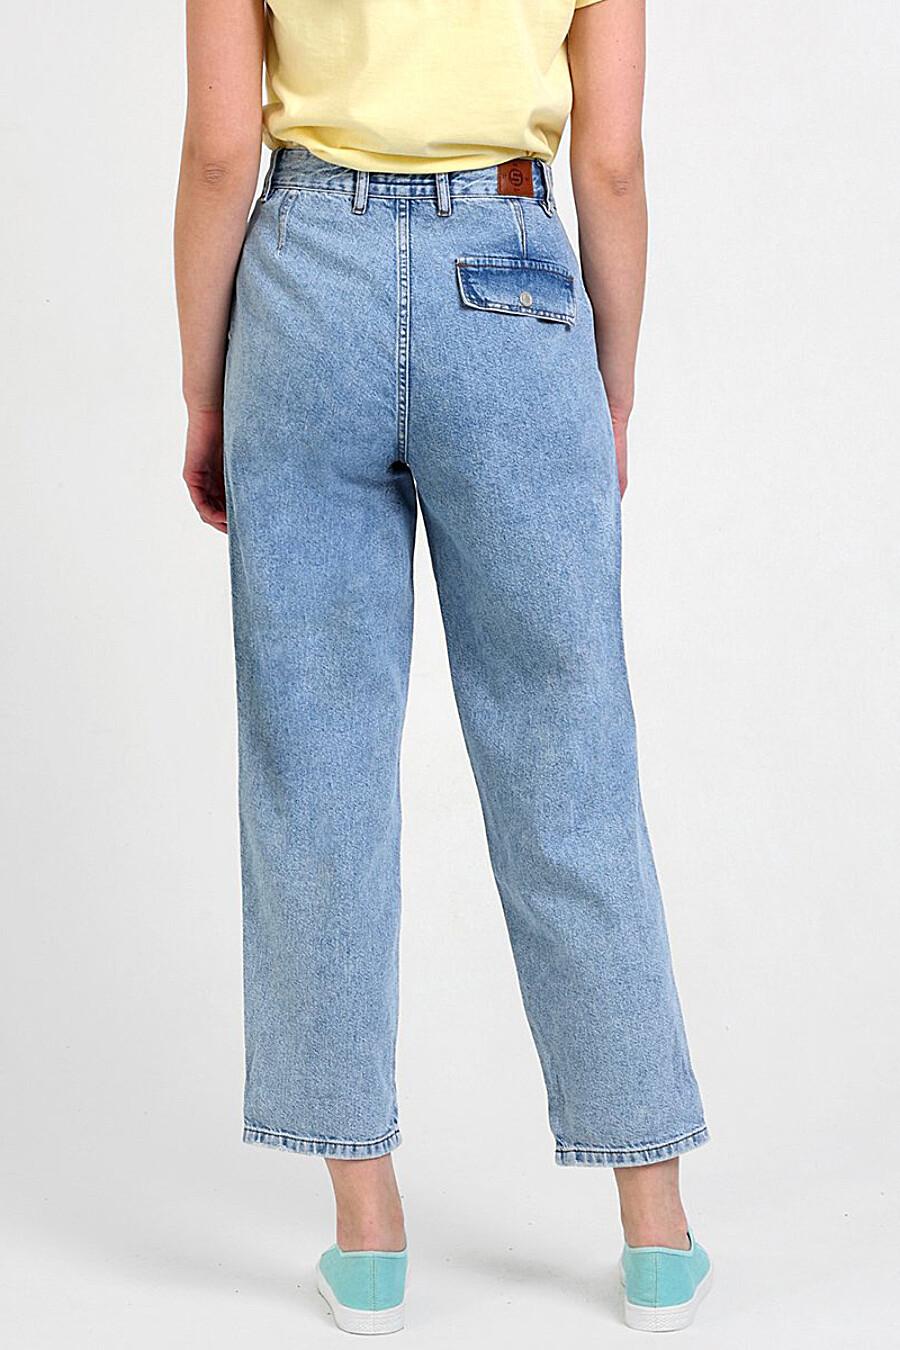 Джинсы для женщин F5 184852 купить оптом от производителя. Совместная покупка женской одежды в OptMoyo